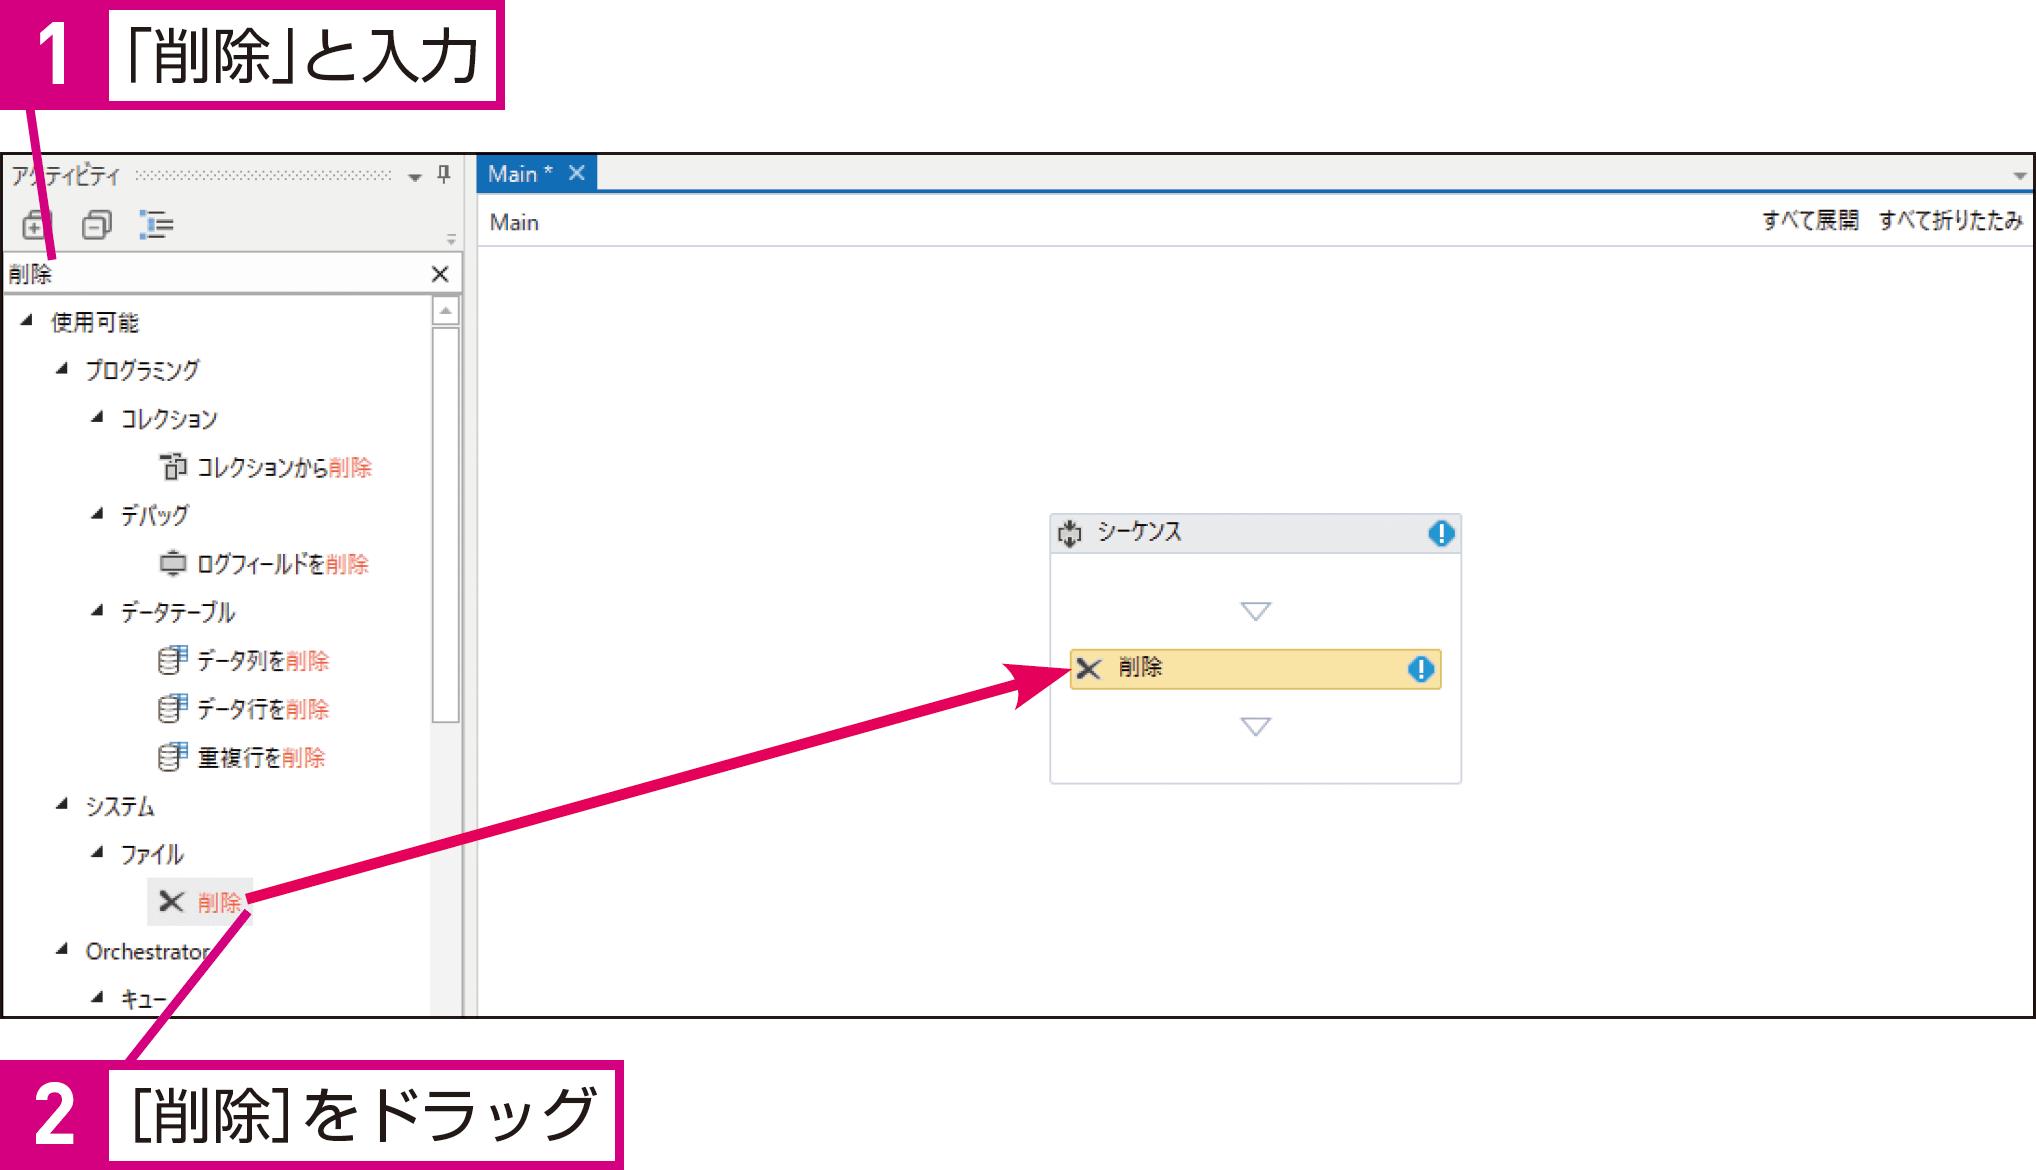 ファイルやフォルダーを削除するには(削除) - できるUiPath